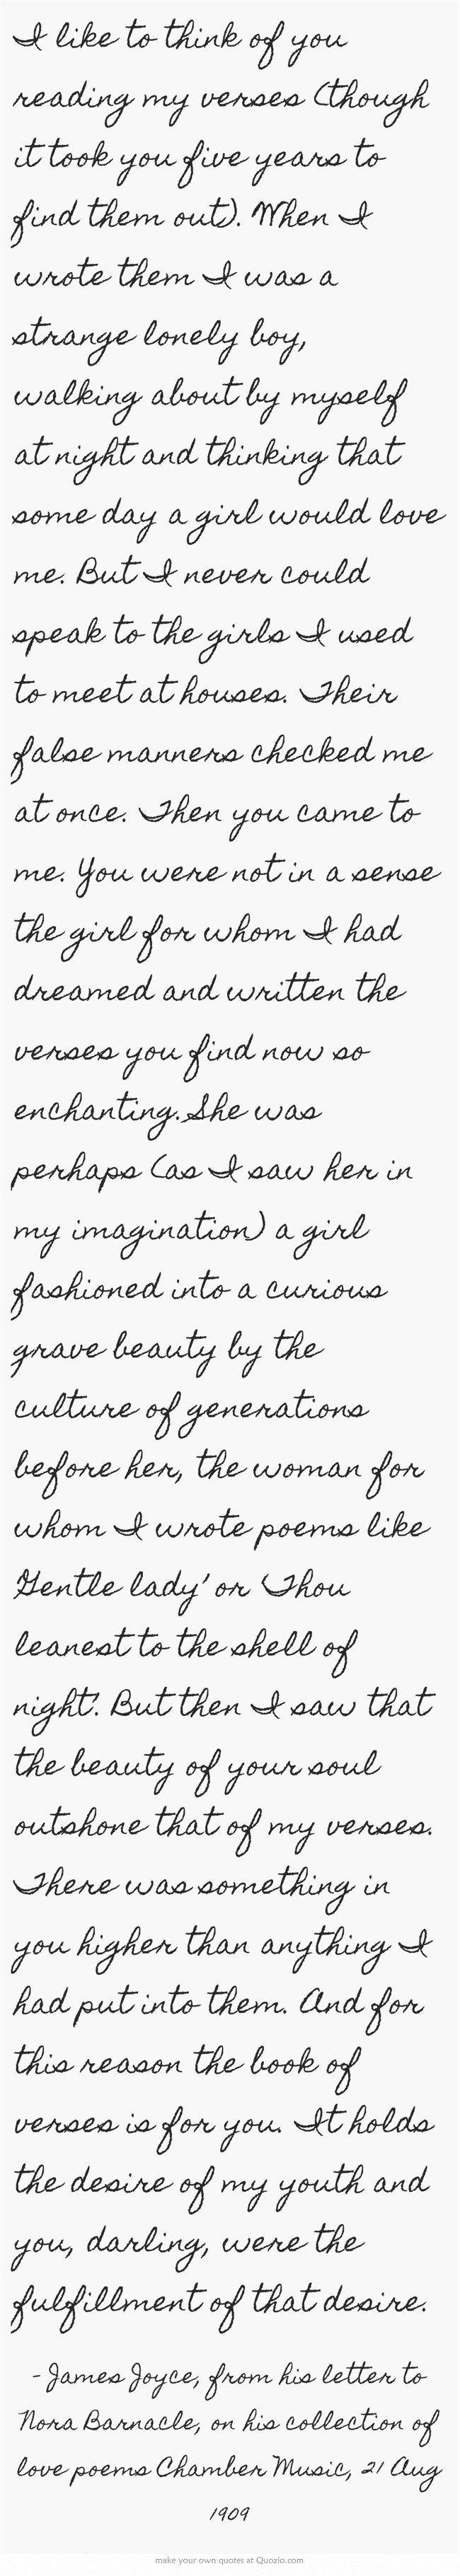 Best 25 James joyce poems ideas on Pinterest